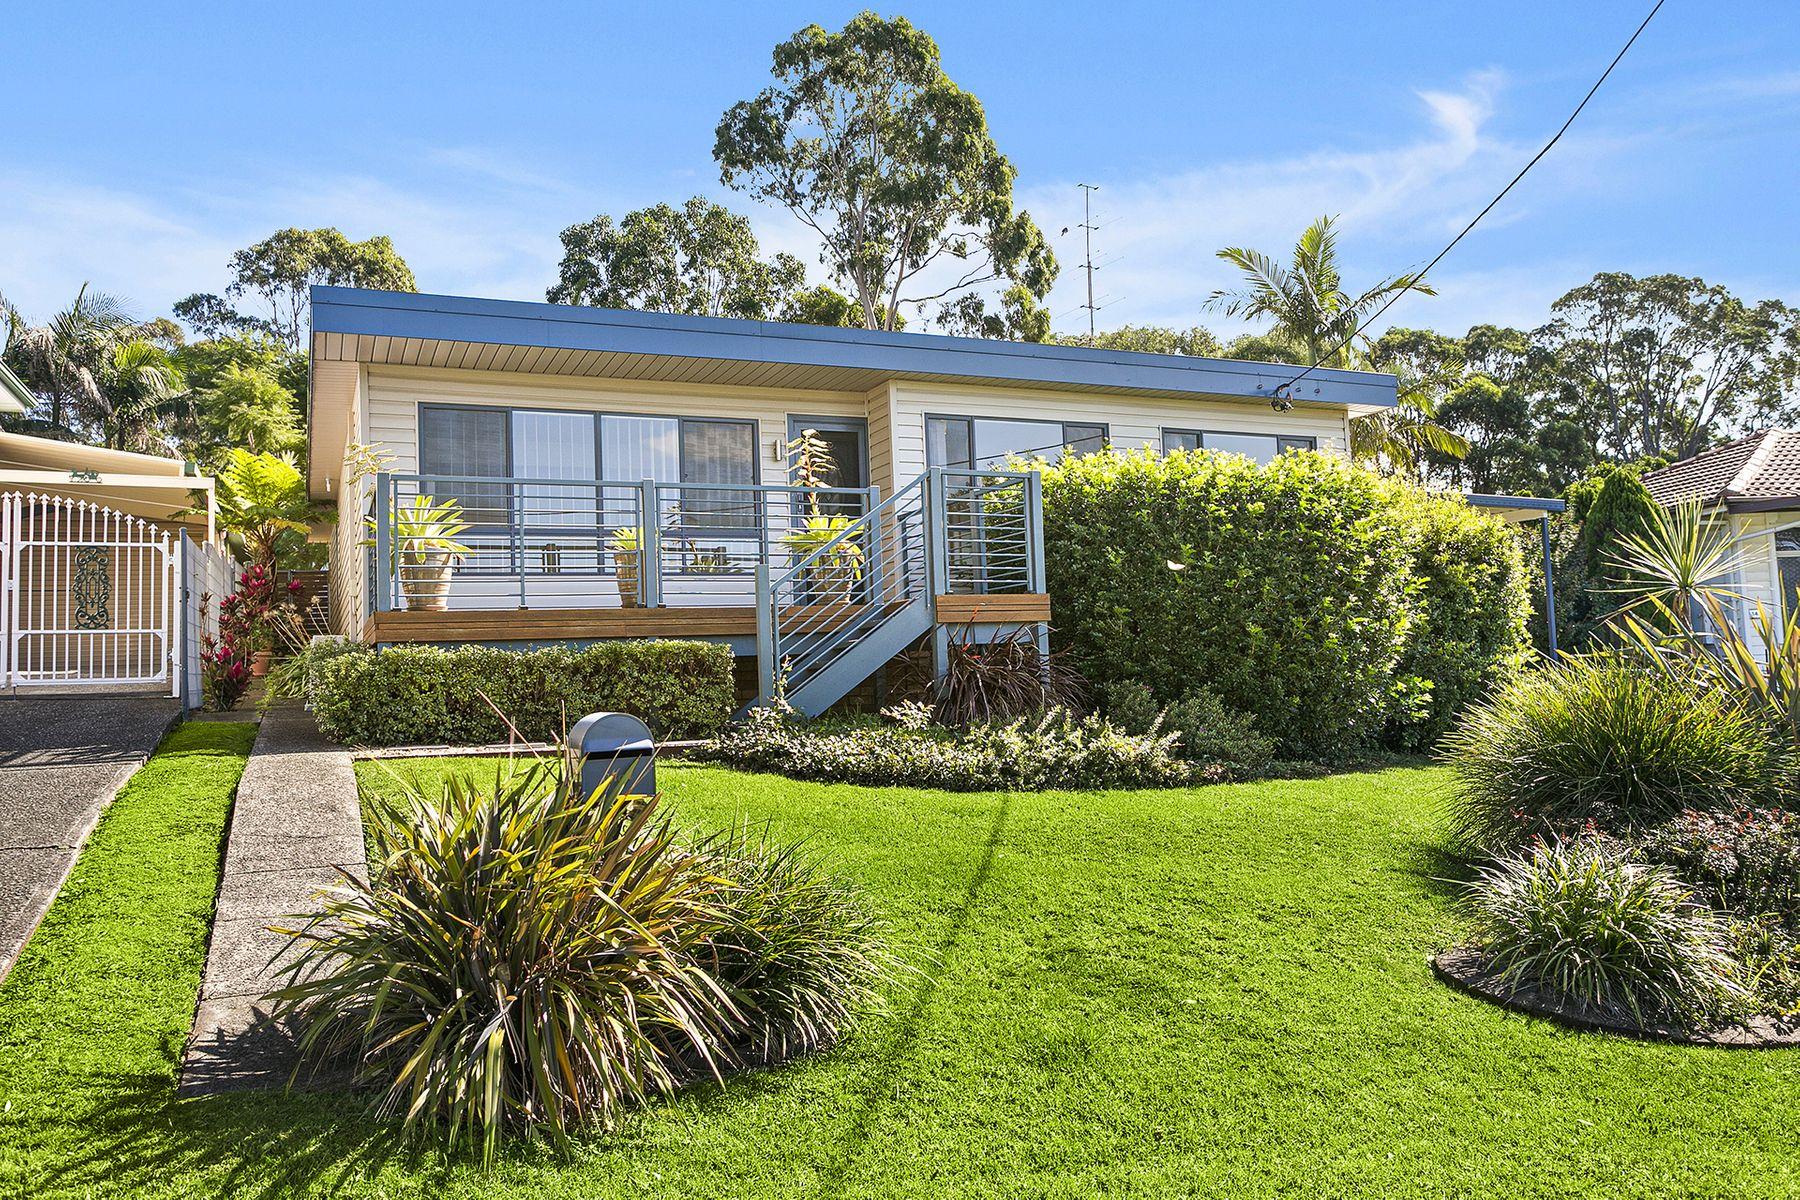 16 Normandie Place, Unanderra, NSW 2526